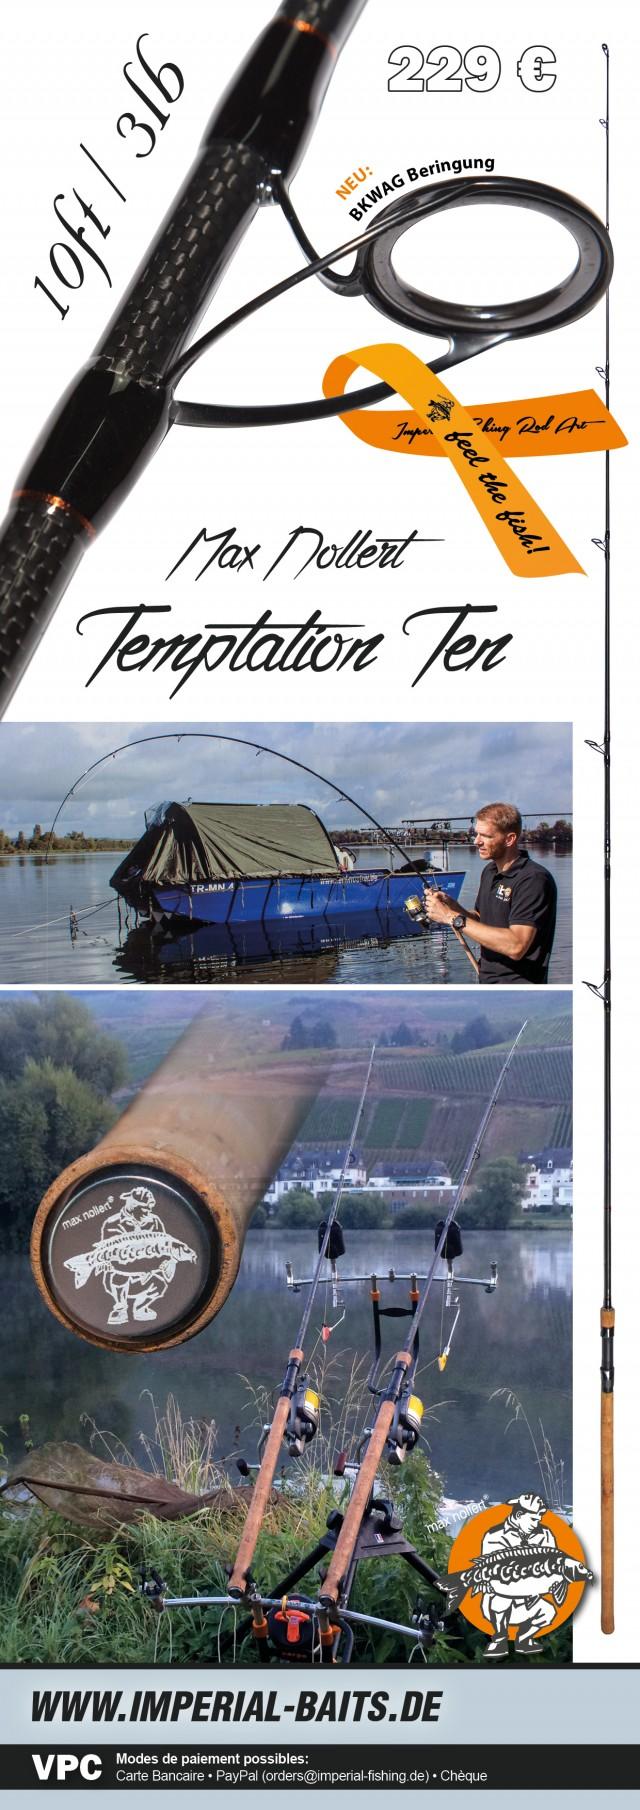 DEkarpfenrute_mn_temptation_ten_anzeige500px